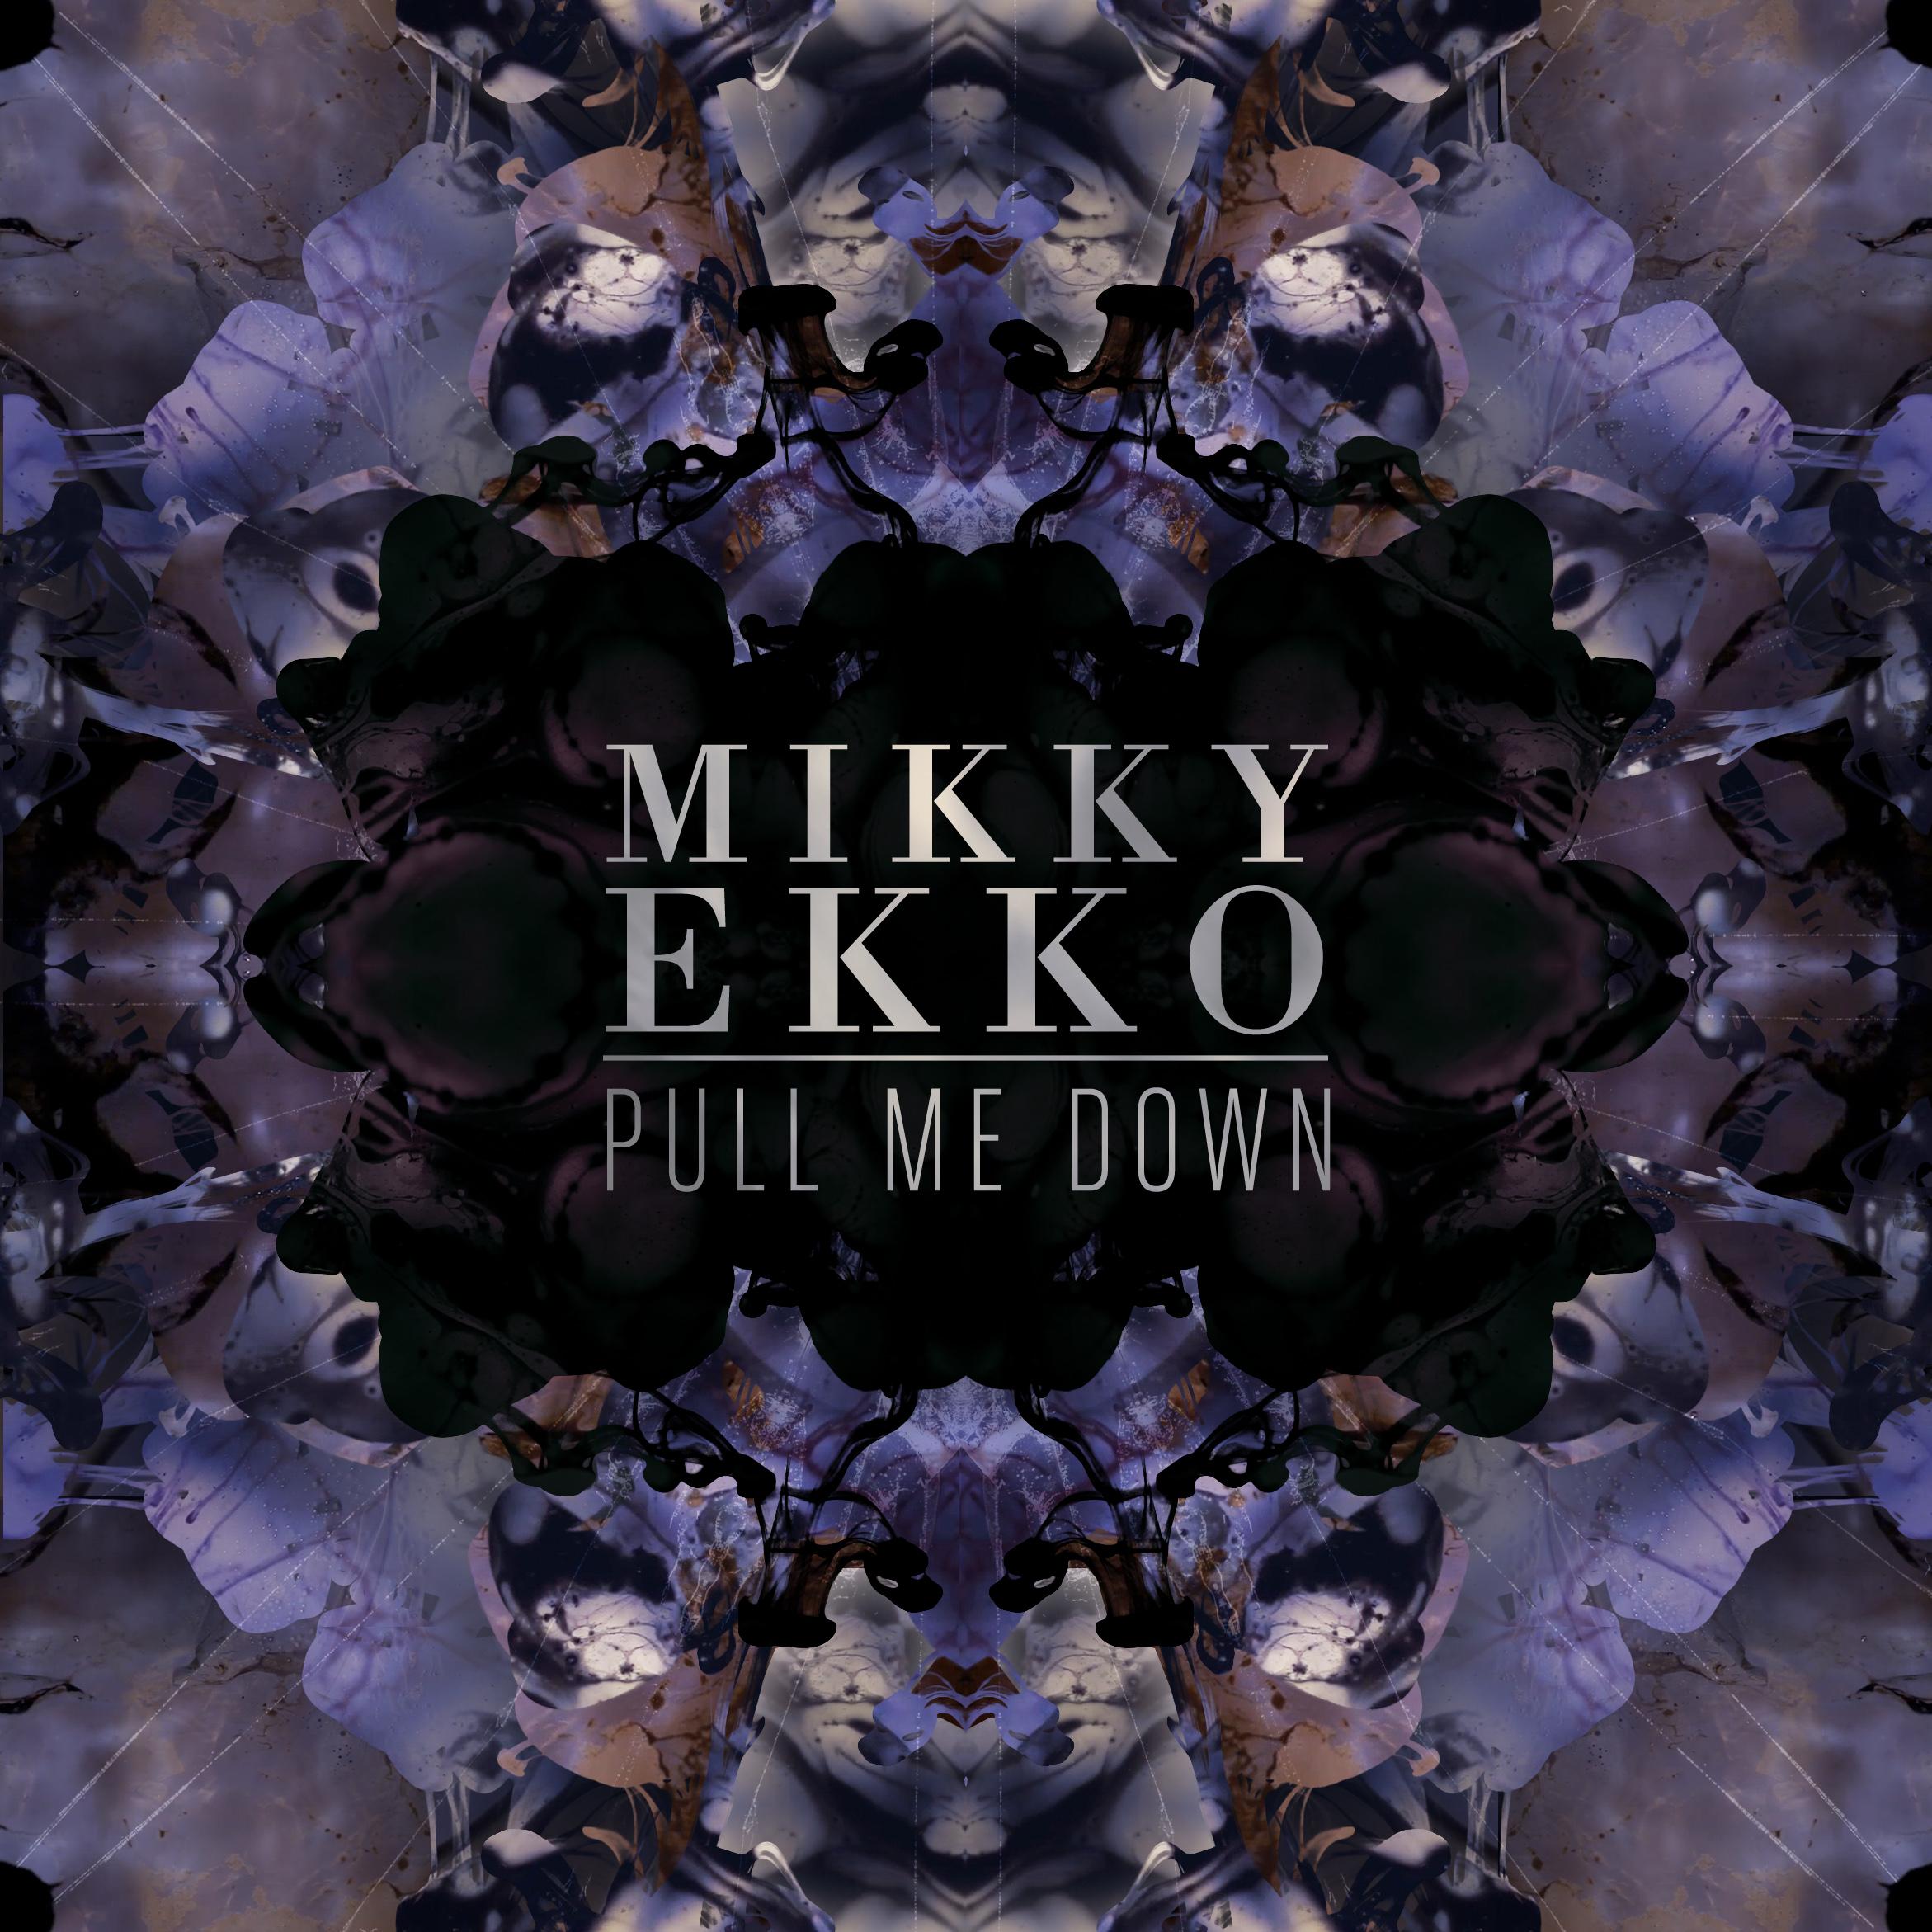 mikky ekko pull me down